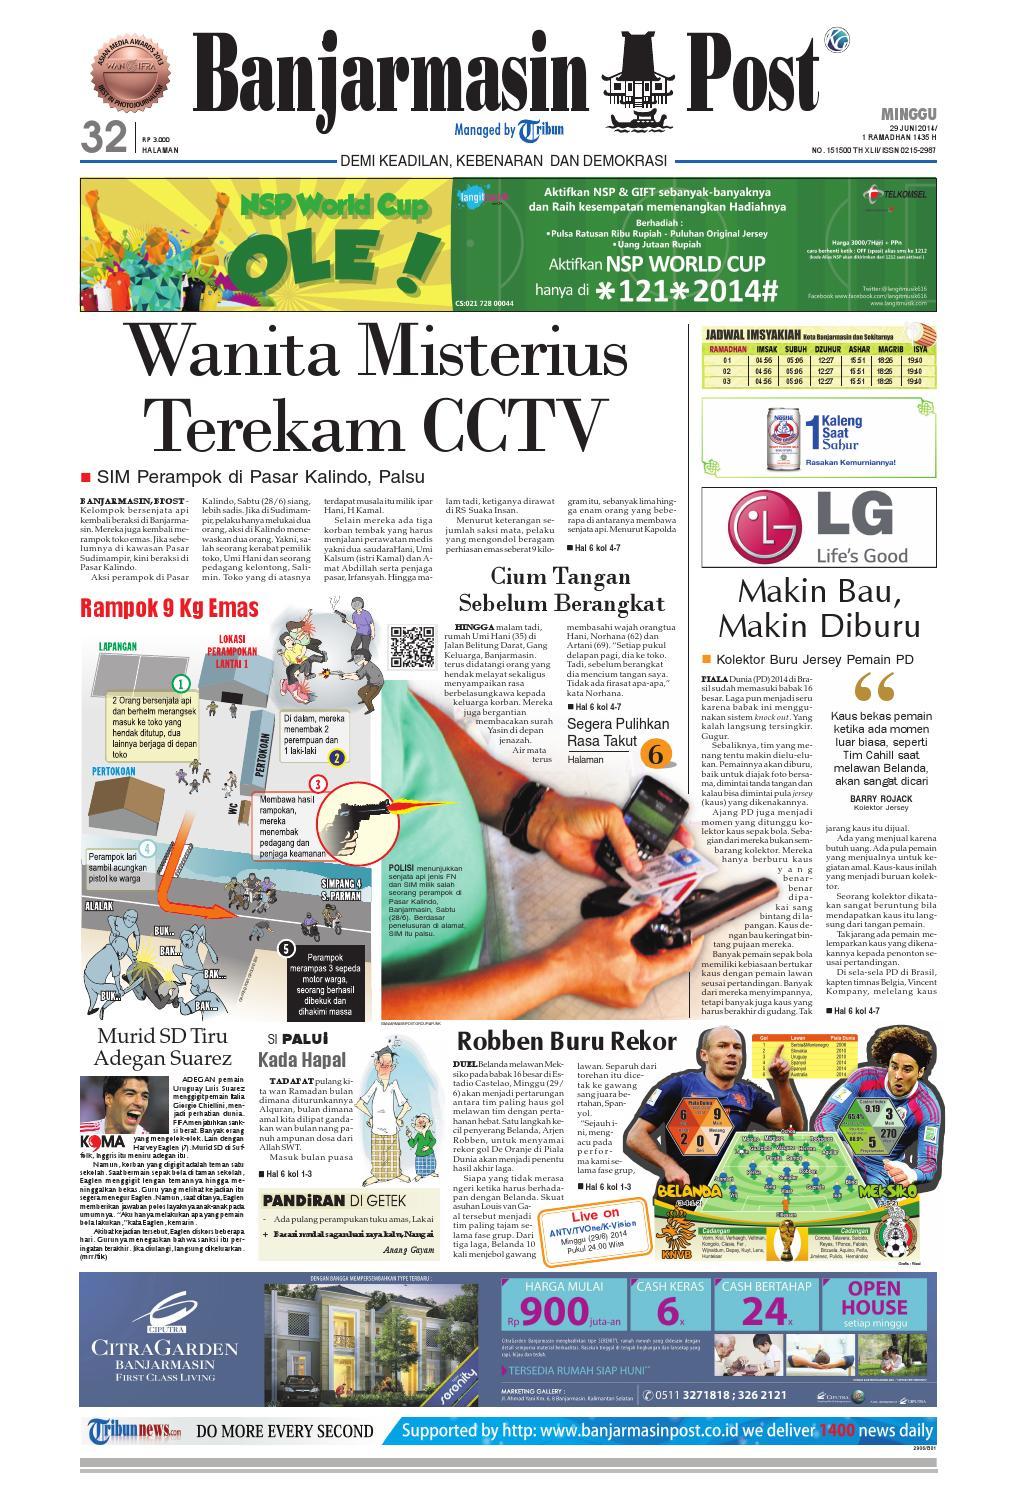 Banjarmasin Post Minggu 29 Juni 2014 By Issuu Produk Ukm Bumn Dress Gamis Batik Motif Ayam Bekisar